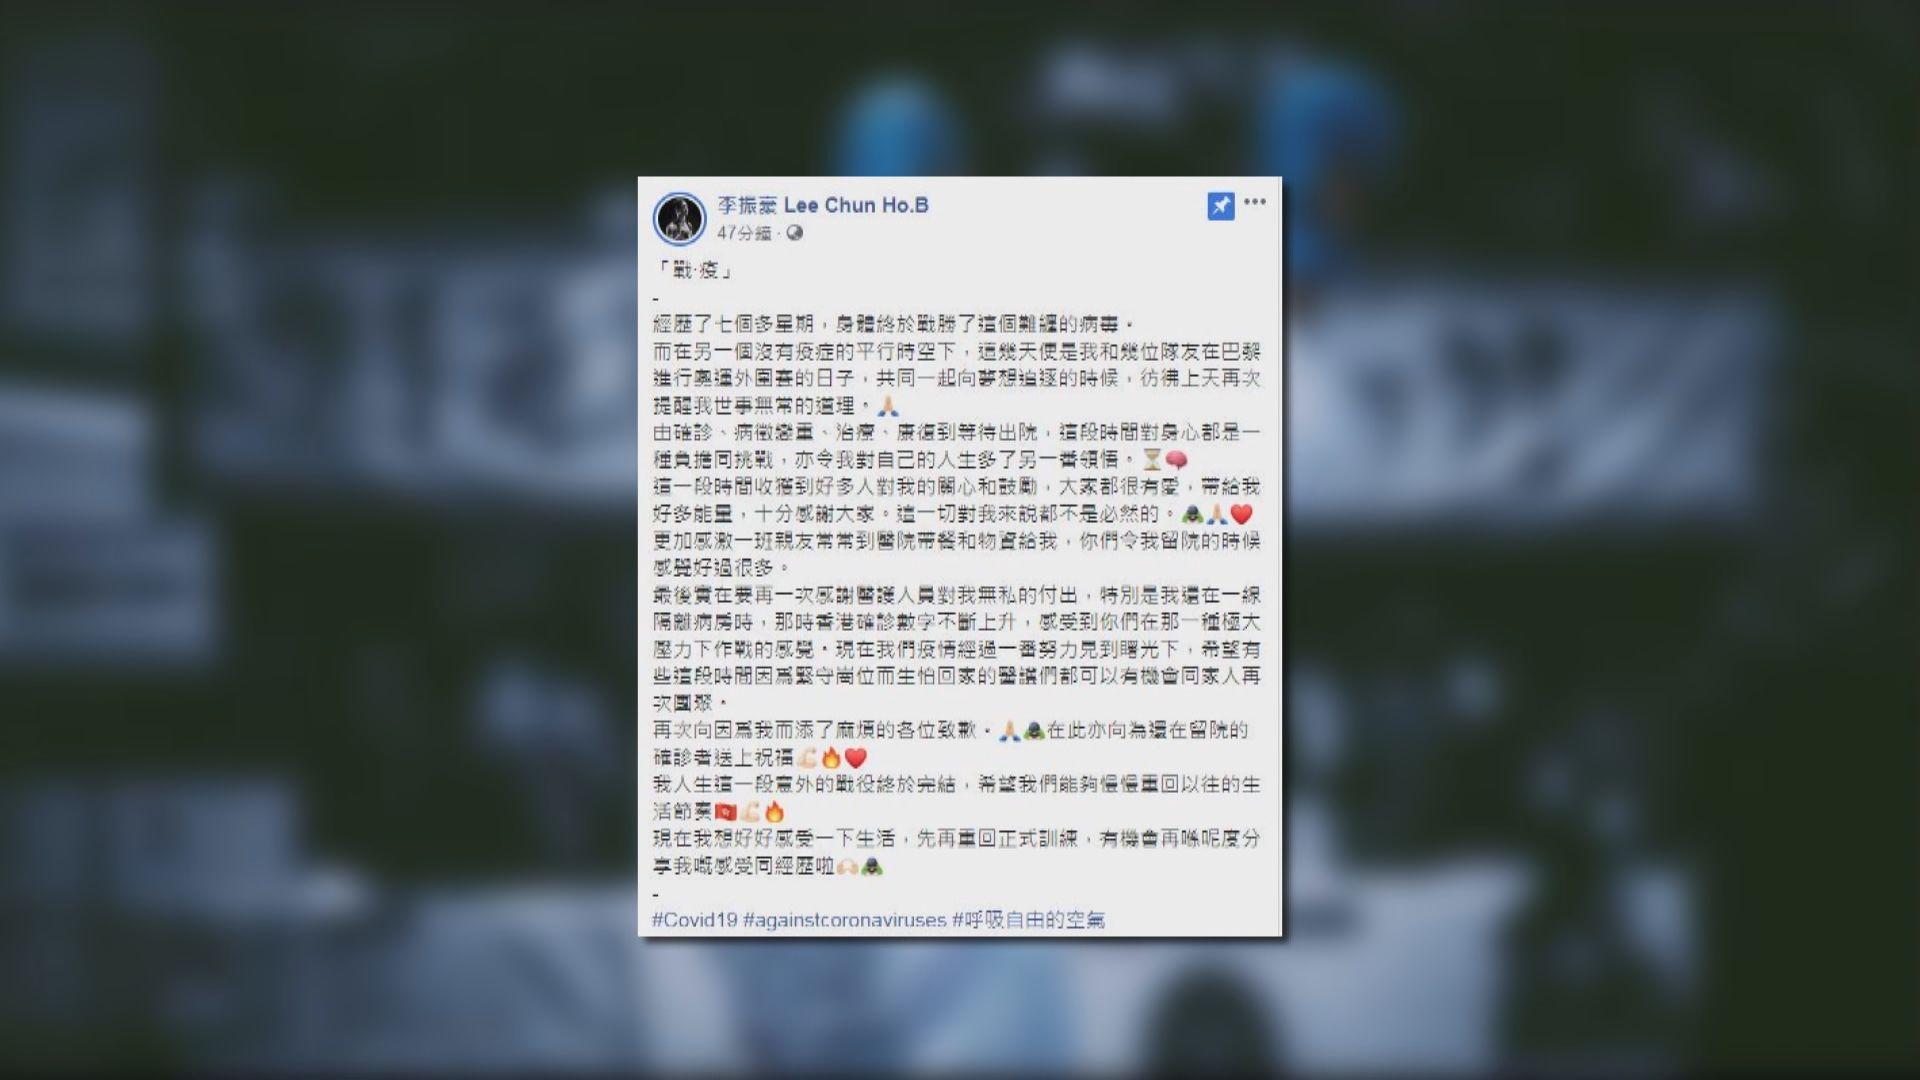 李振豪經近兩個月治療 終戰勝病毒出院